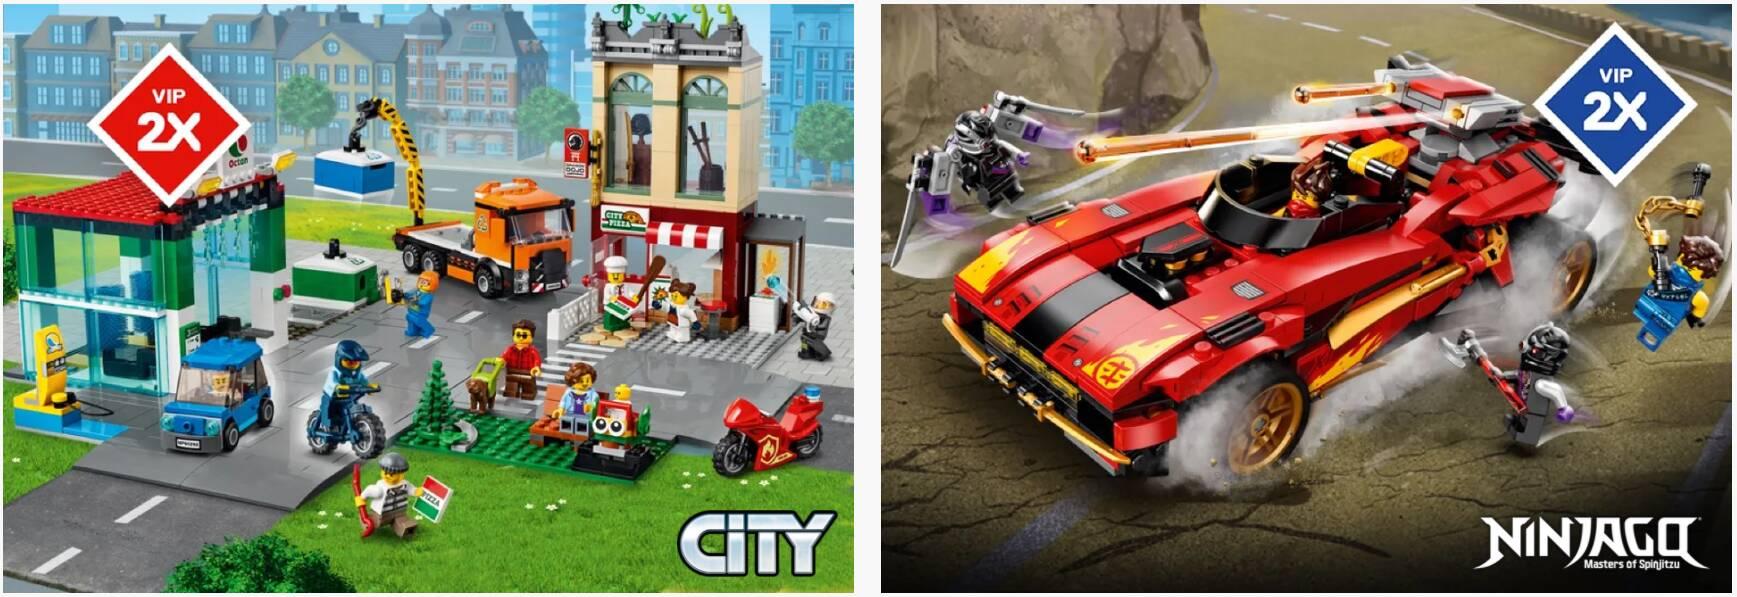 Lego VIP - gennaio 2021